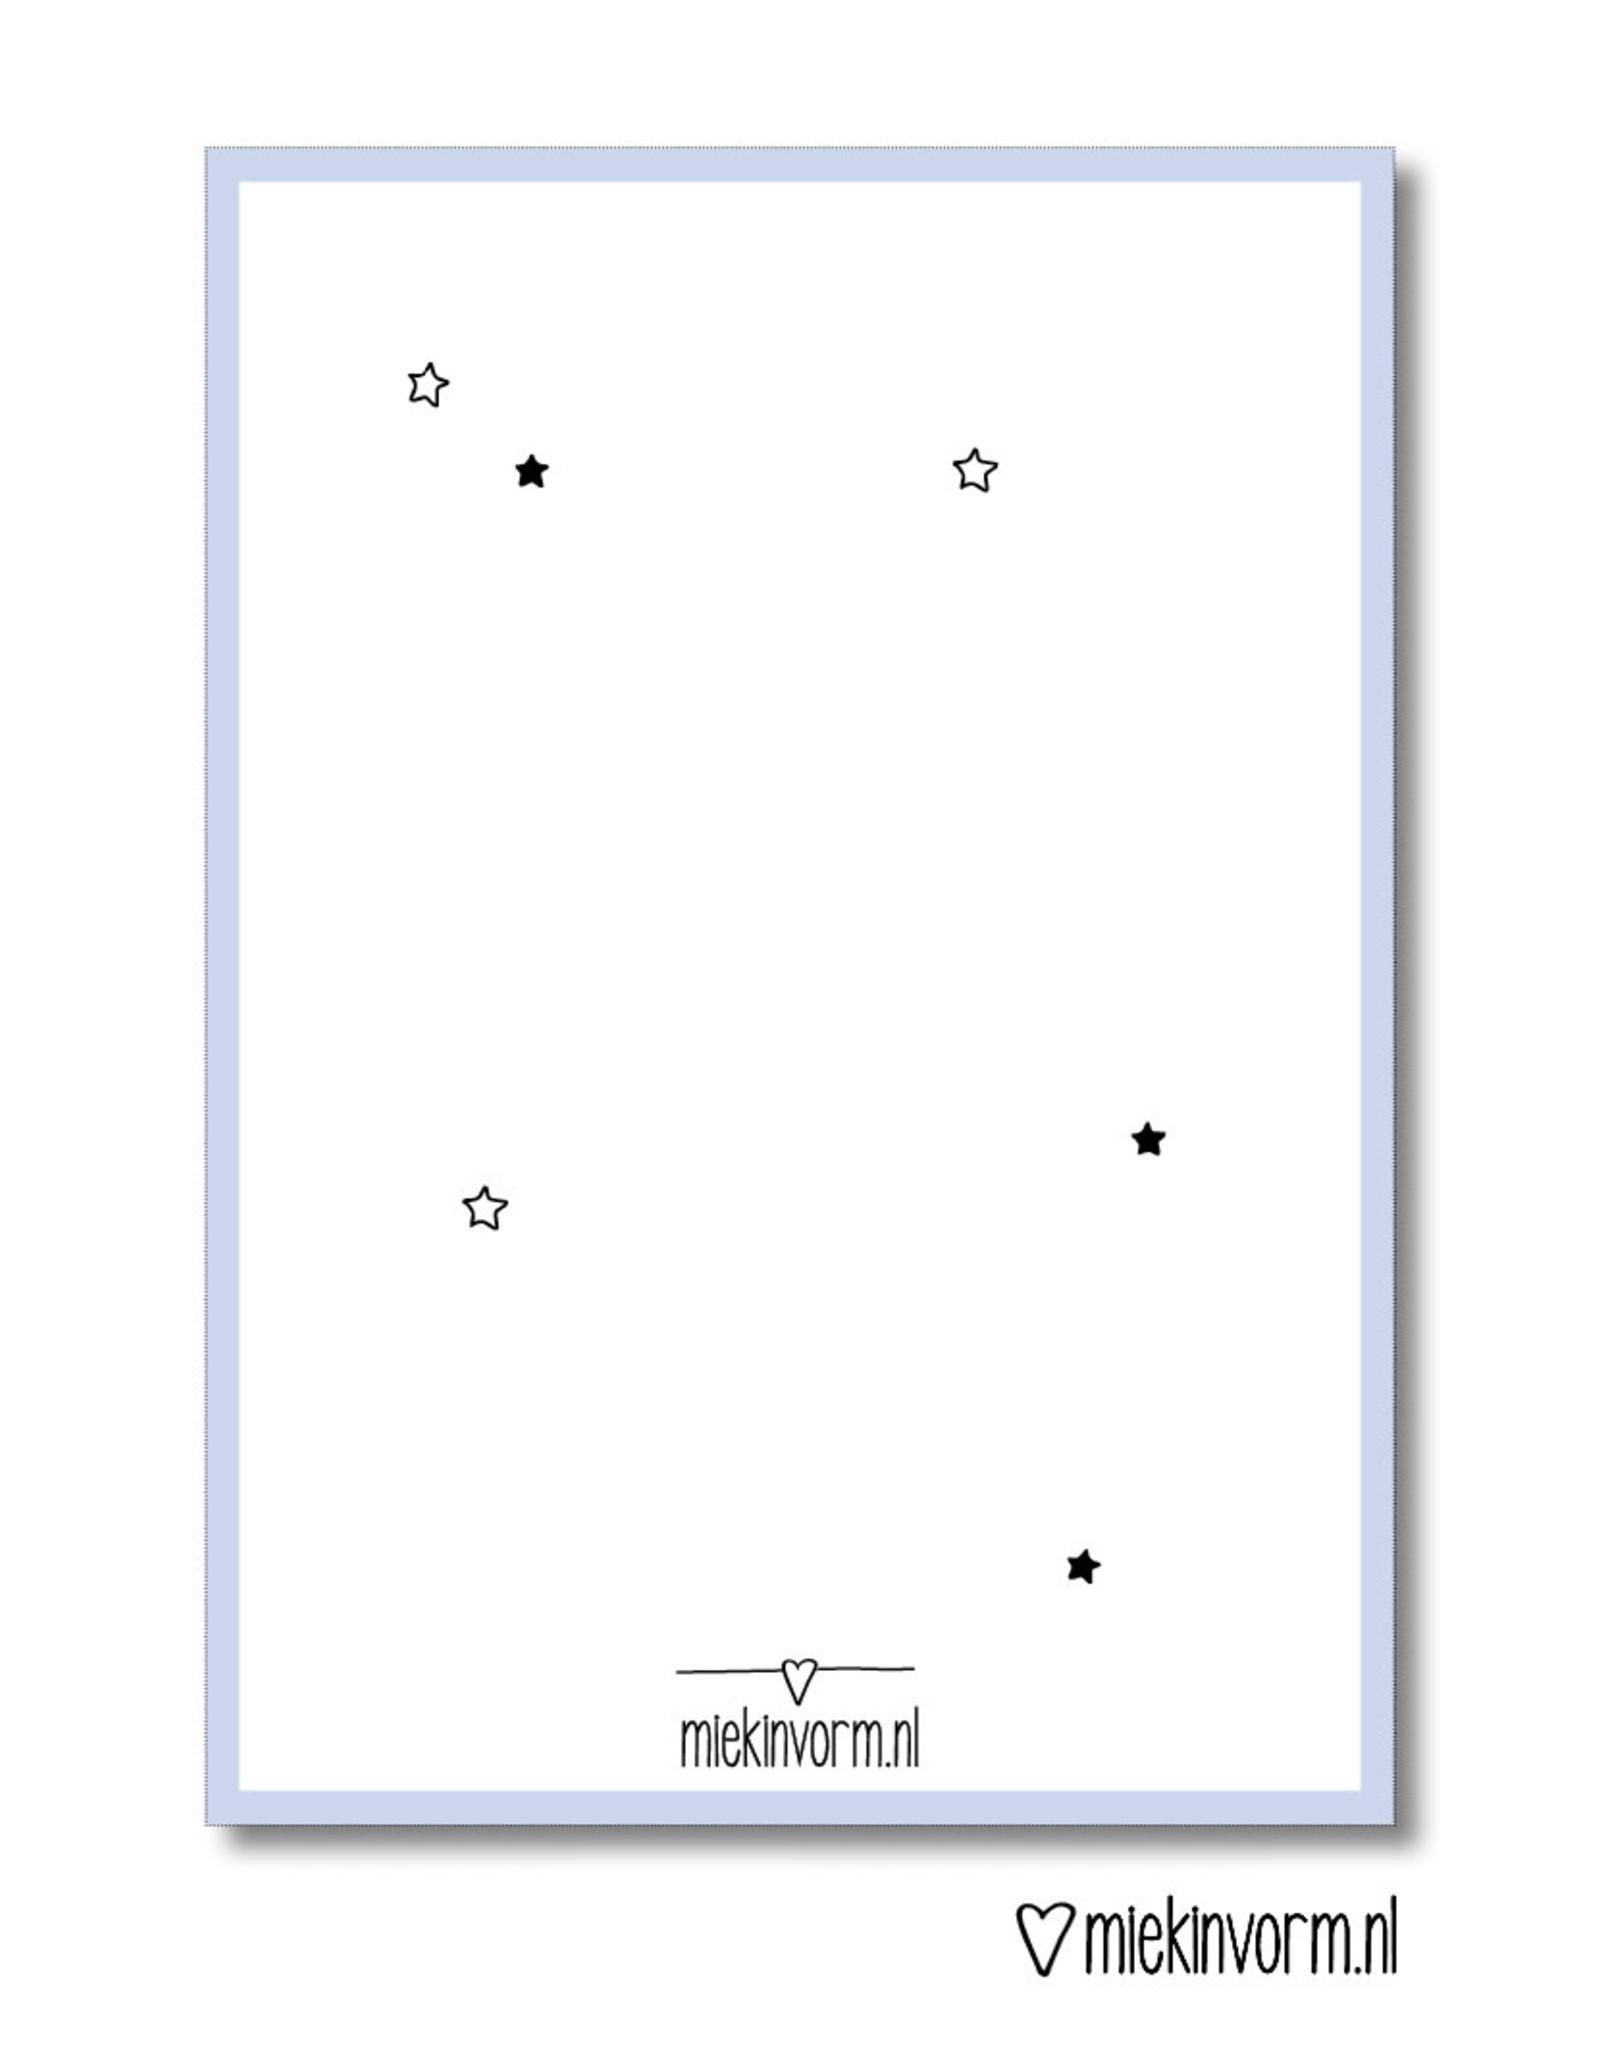 Miek in vorm Dubbele kaart a6 Miek in vorm: Hou vast aan de mooie herinneringen